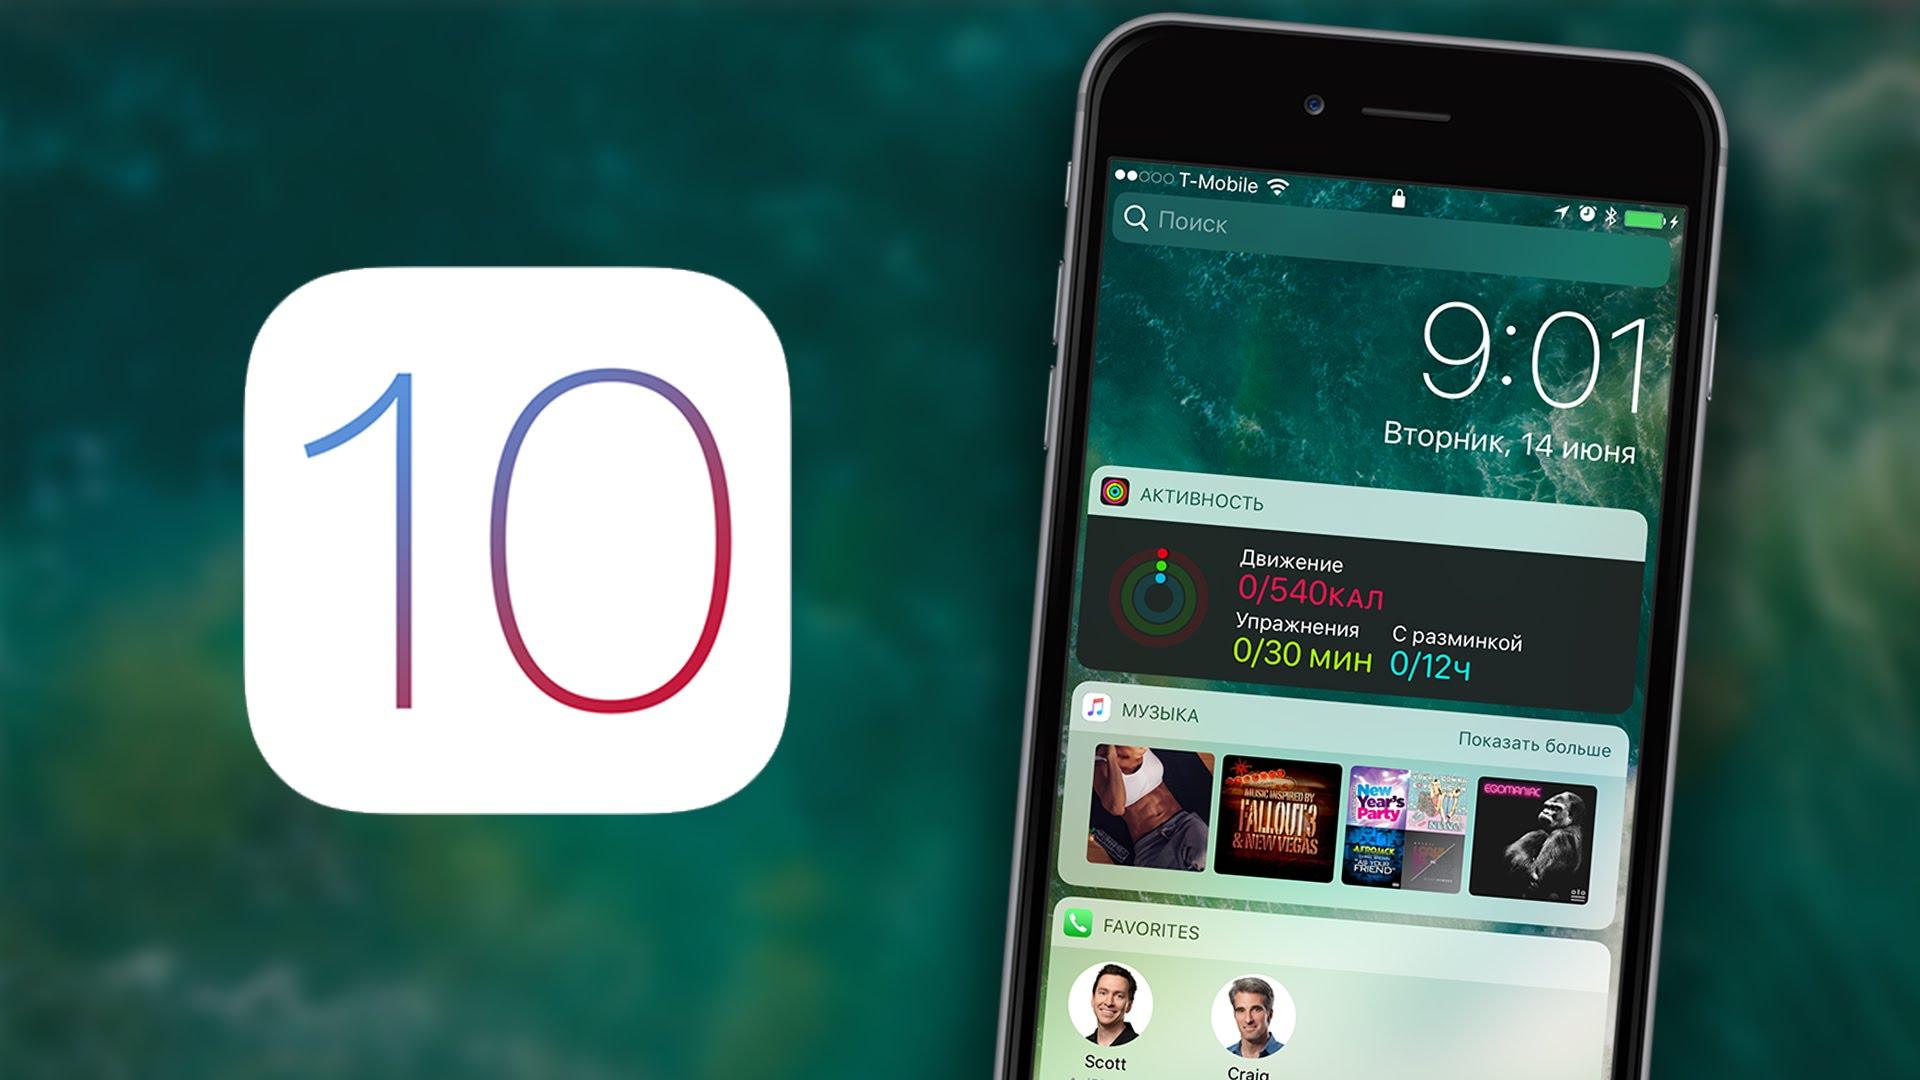 Bạn đã thử các cài đặt mới trên iOS 10 chưa?